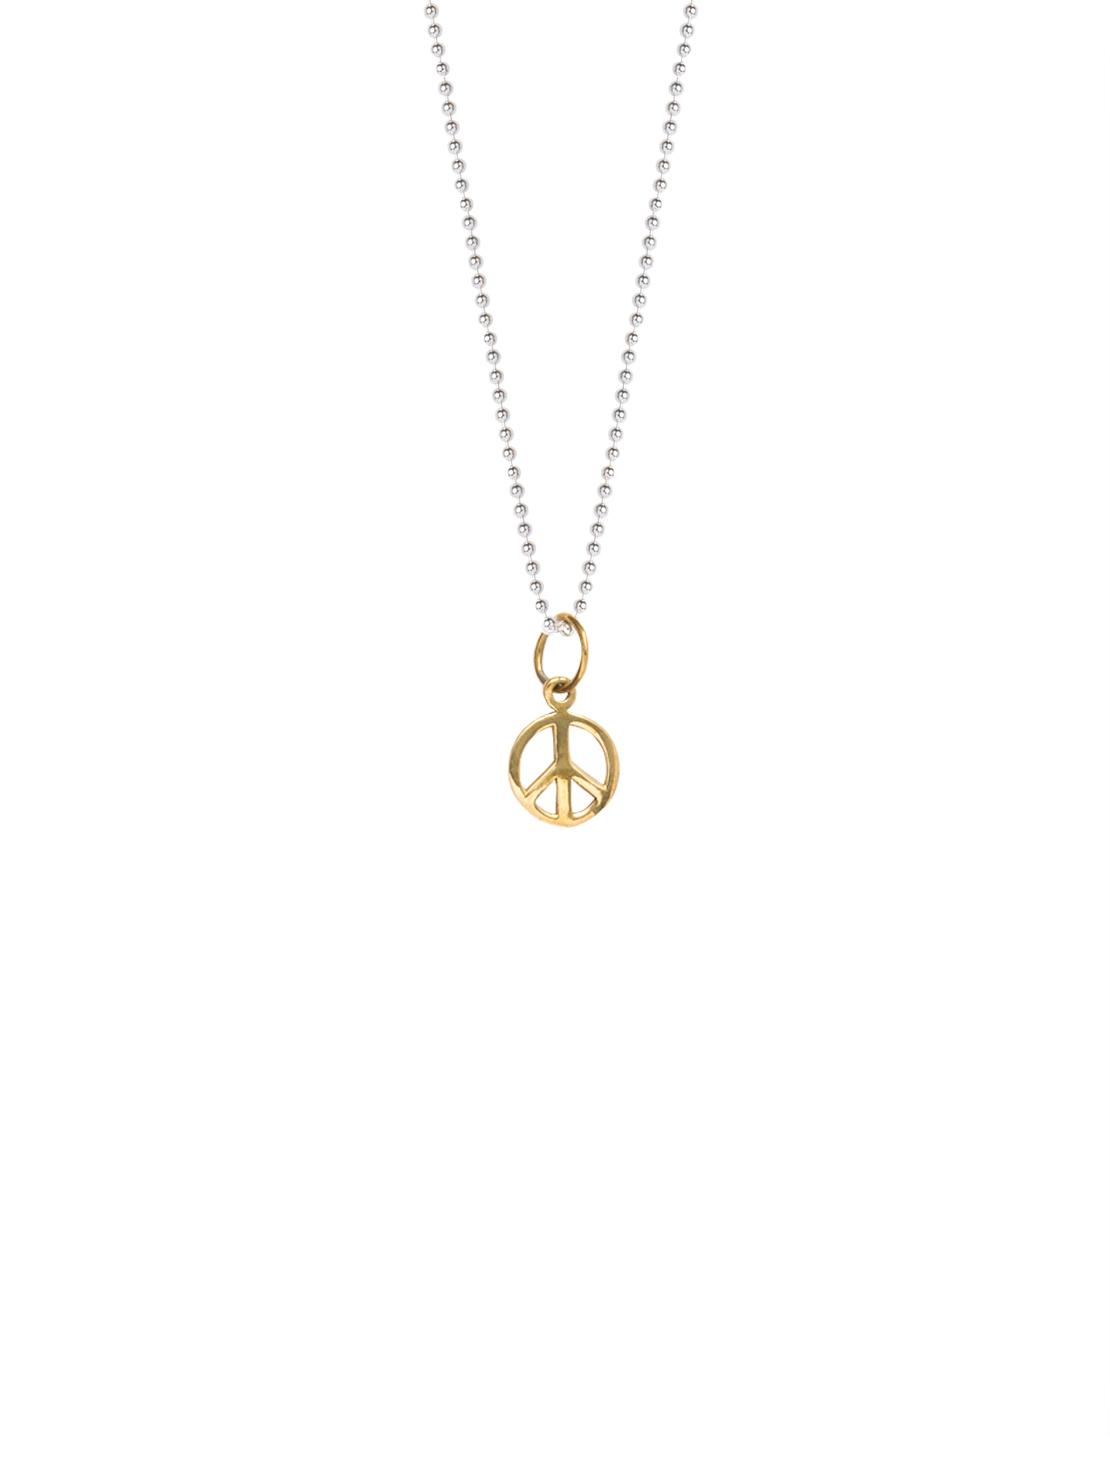 70860de598b Brass Peace Sign Necklace - Tilly Sveaas Jewellery